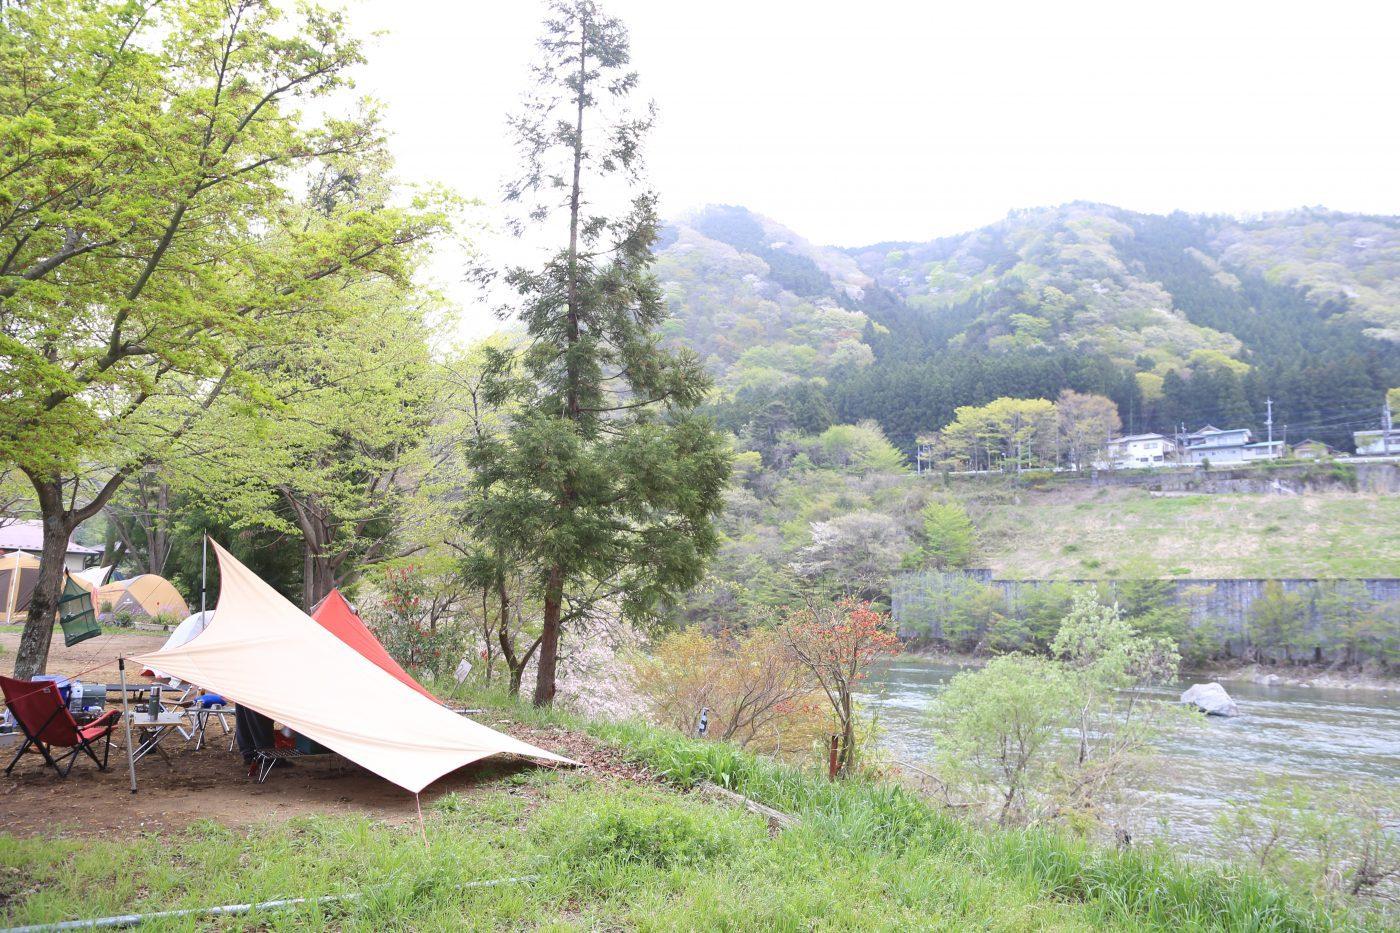 温泉付きキャンプ場 栃木県鬼怒川温泉オートキャンプ場 2016年4月23